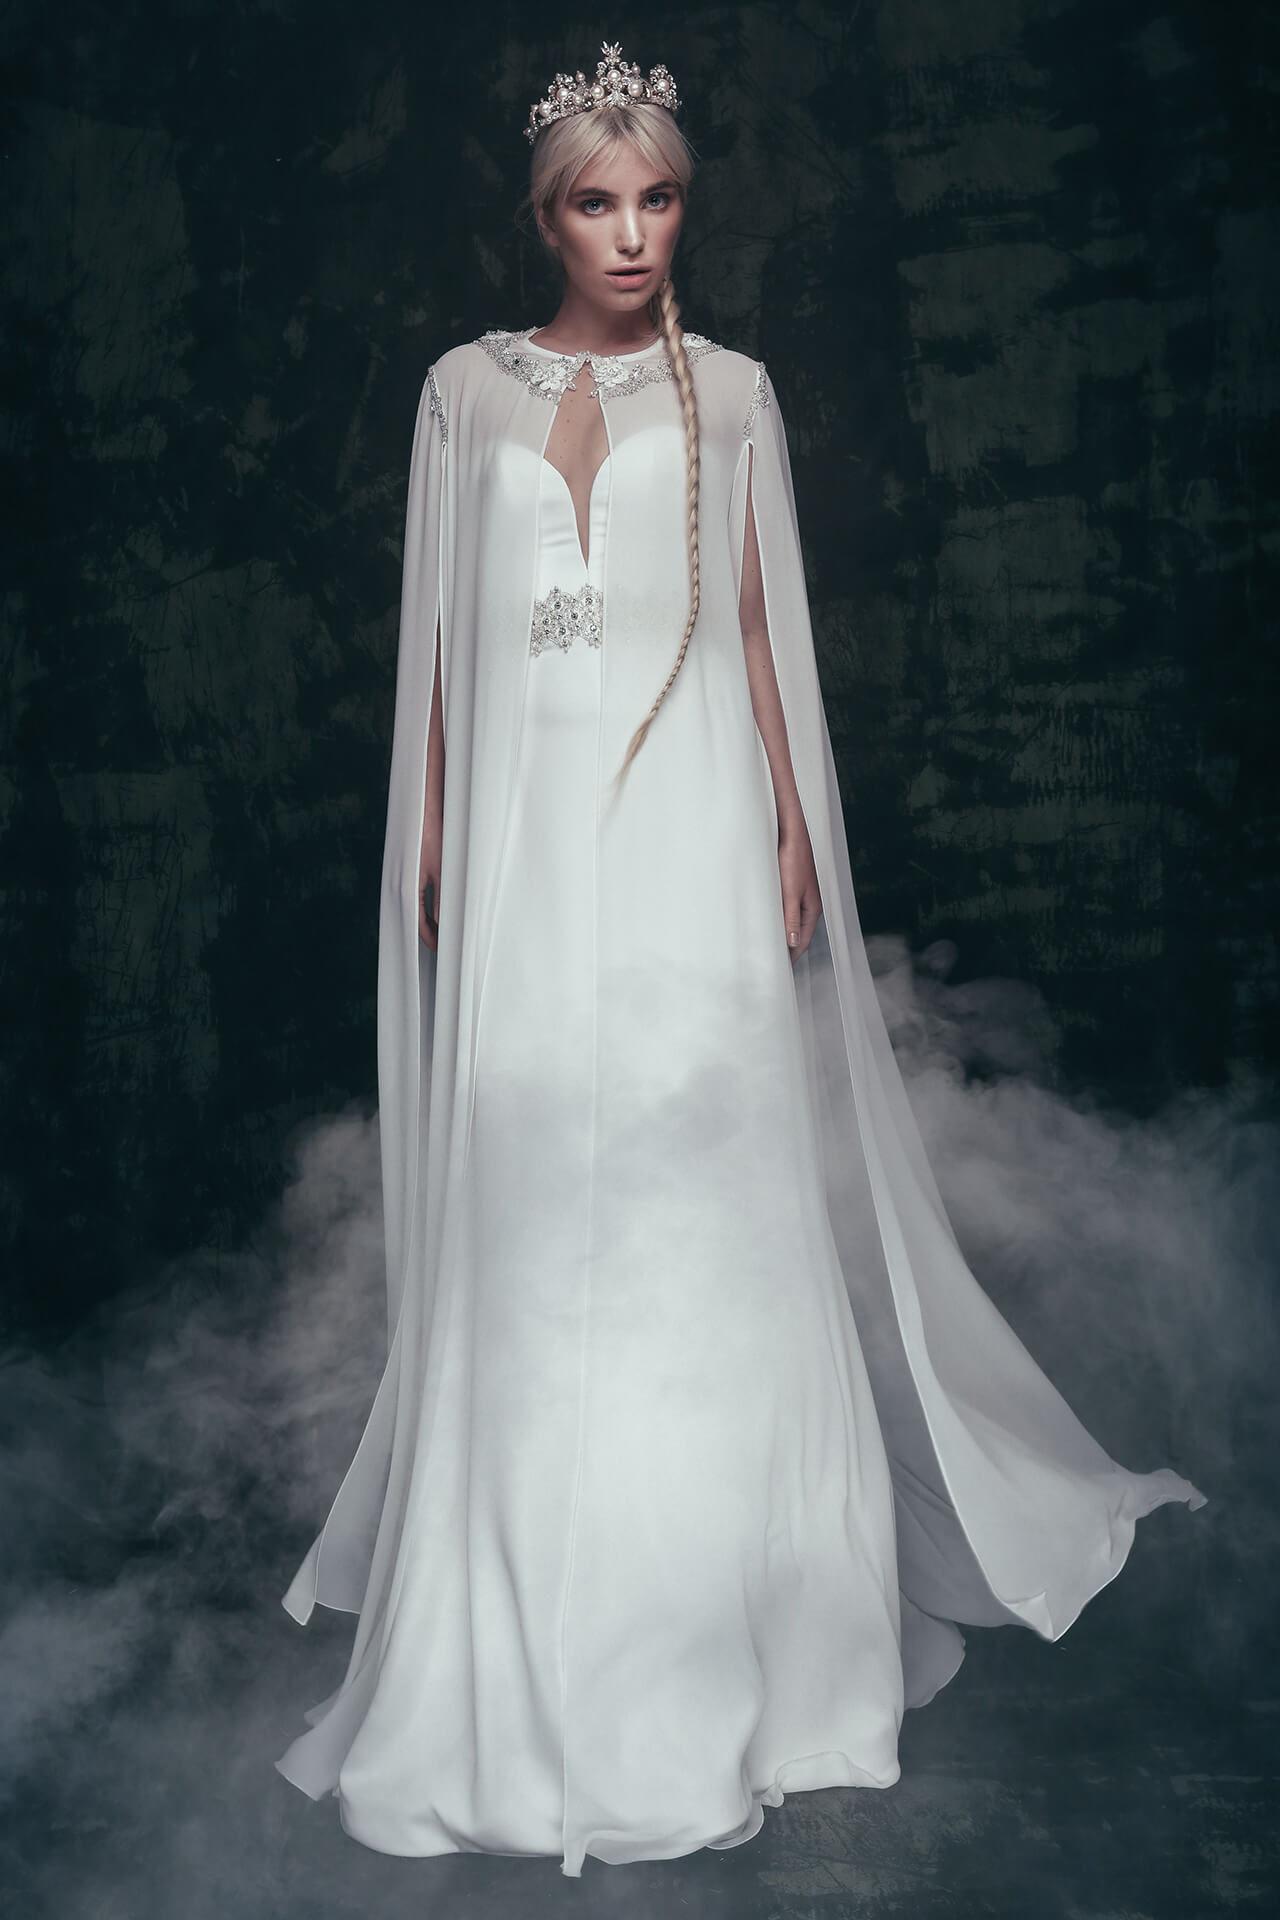 Гармония в образе невесты: как выбрать накидку для венчания?